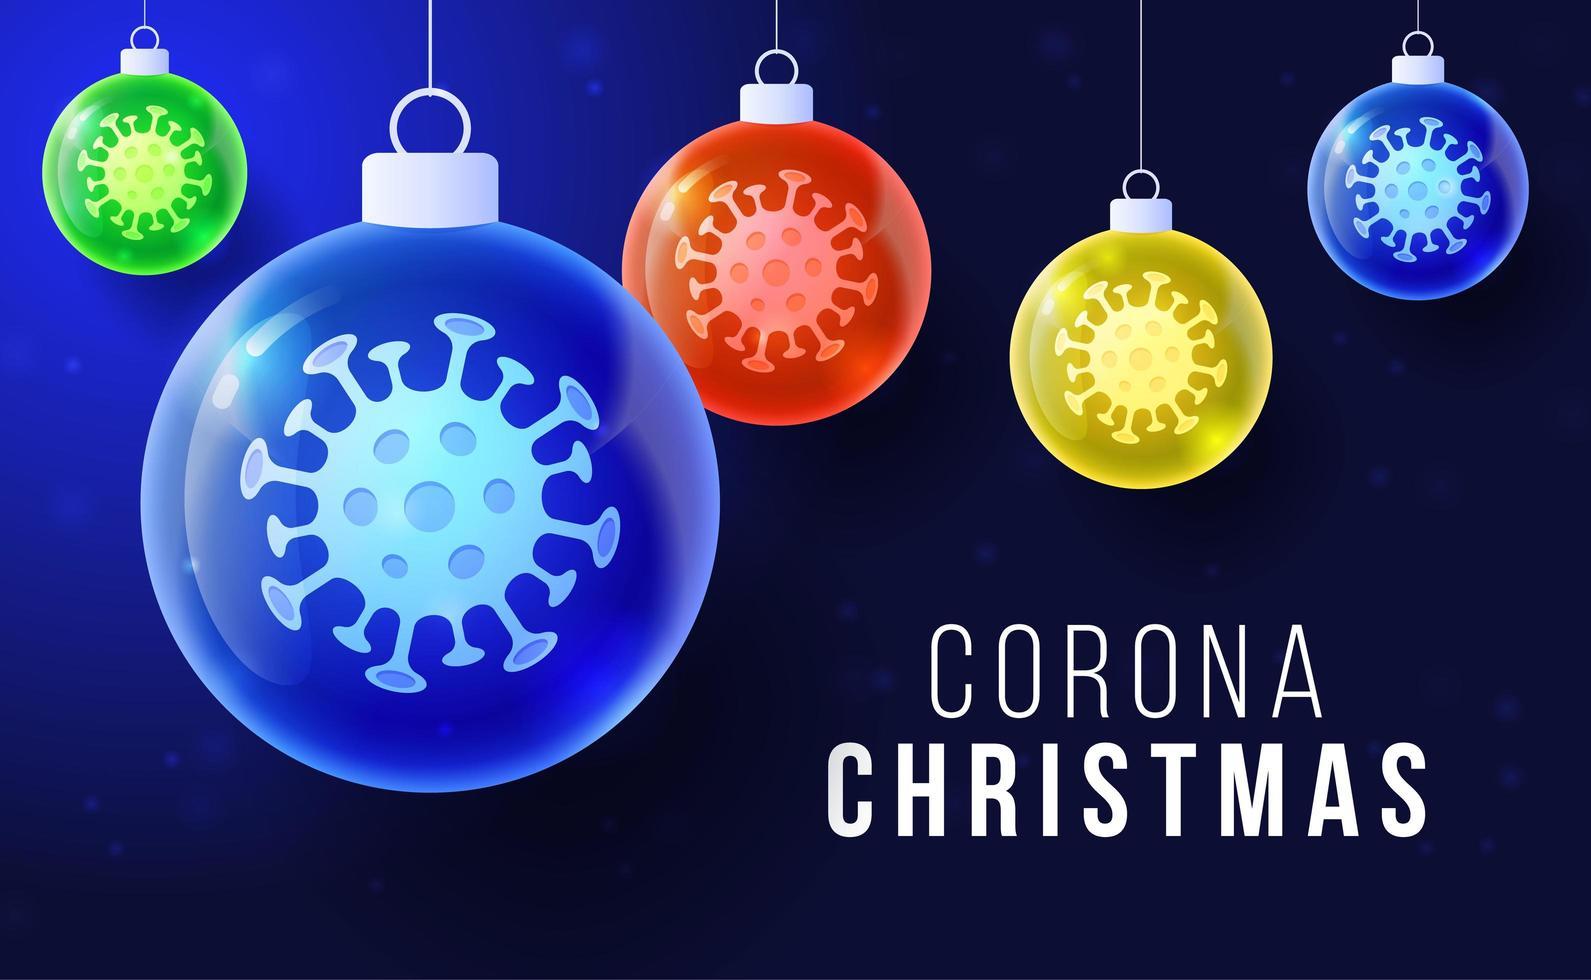 Coronavirus-Weihnachtskonzept mit glänzenden Kugelverzierungen vektor